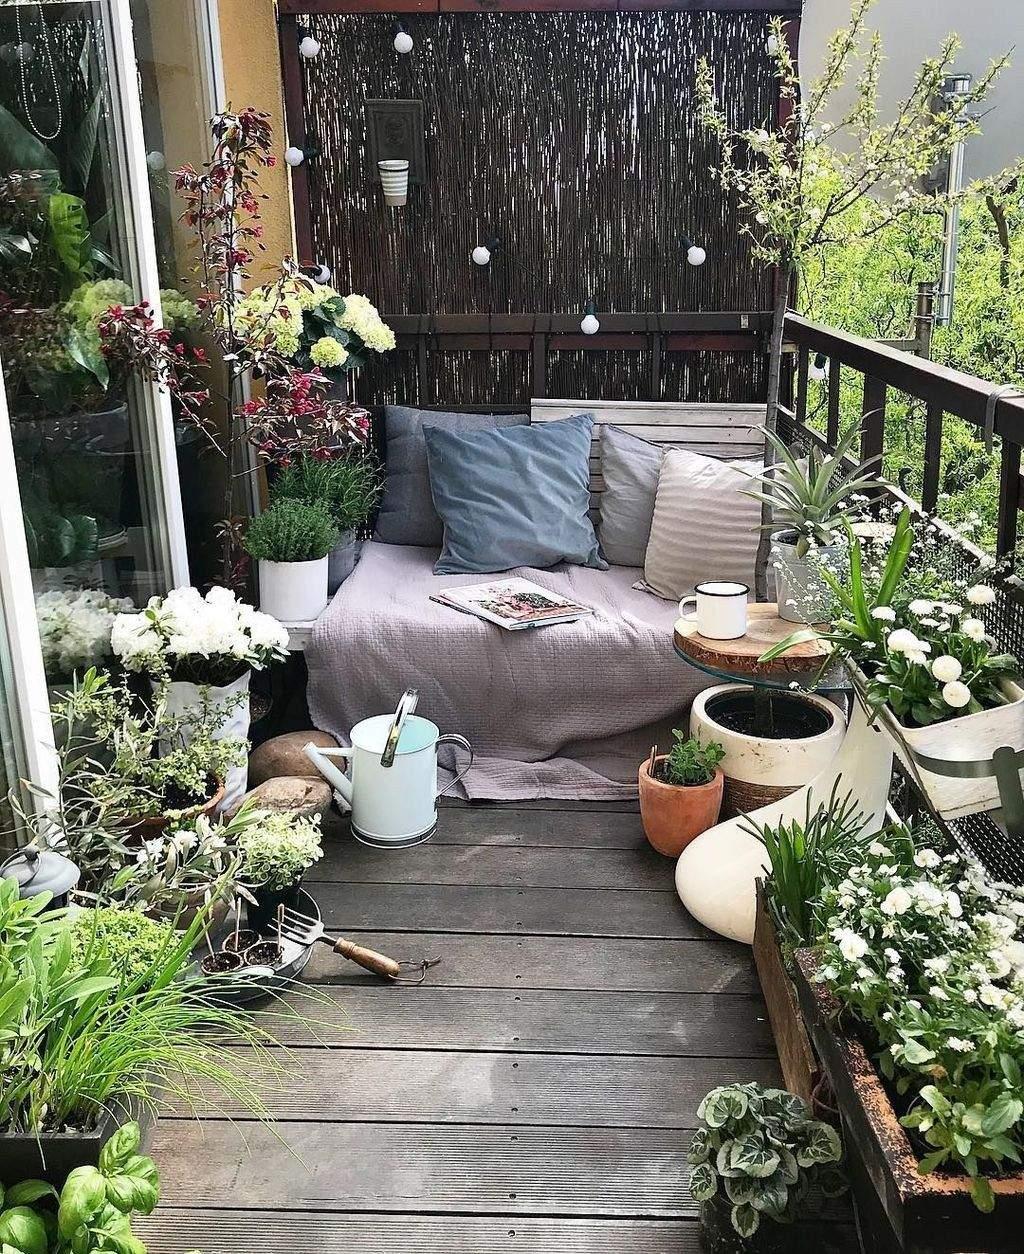 sehr kleiner garten ideen elegant 36 genial kleine balkon garten ideen 36 of sehr kleiner garten ideen